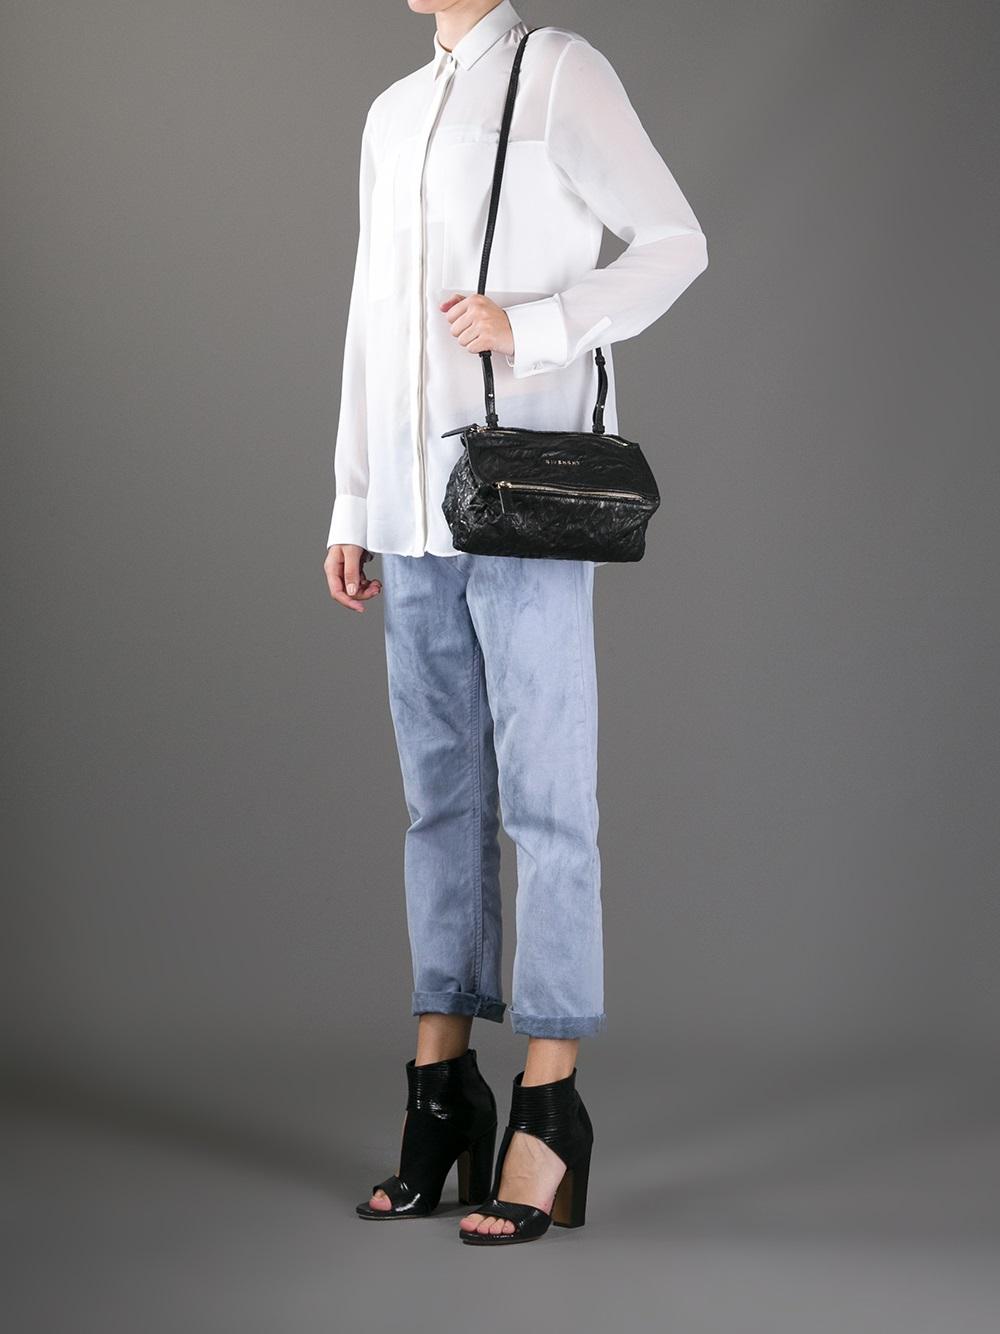 6b75edf7b6 Lyst - Givenchy Mini Pandora Shoulder Bag in Black